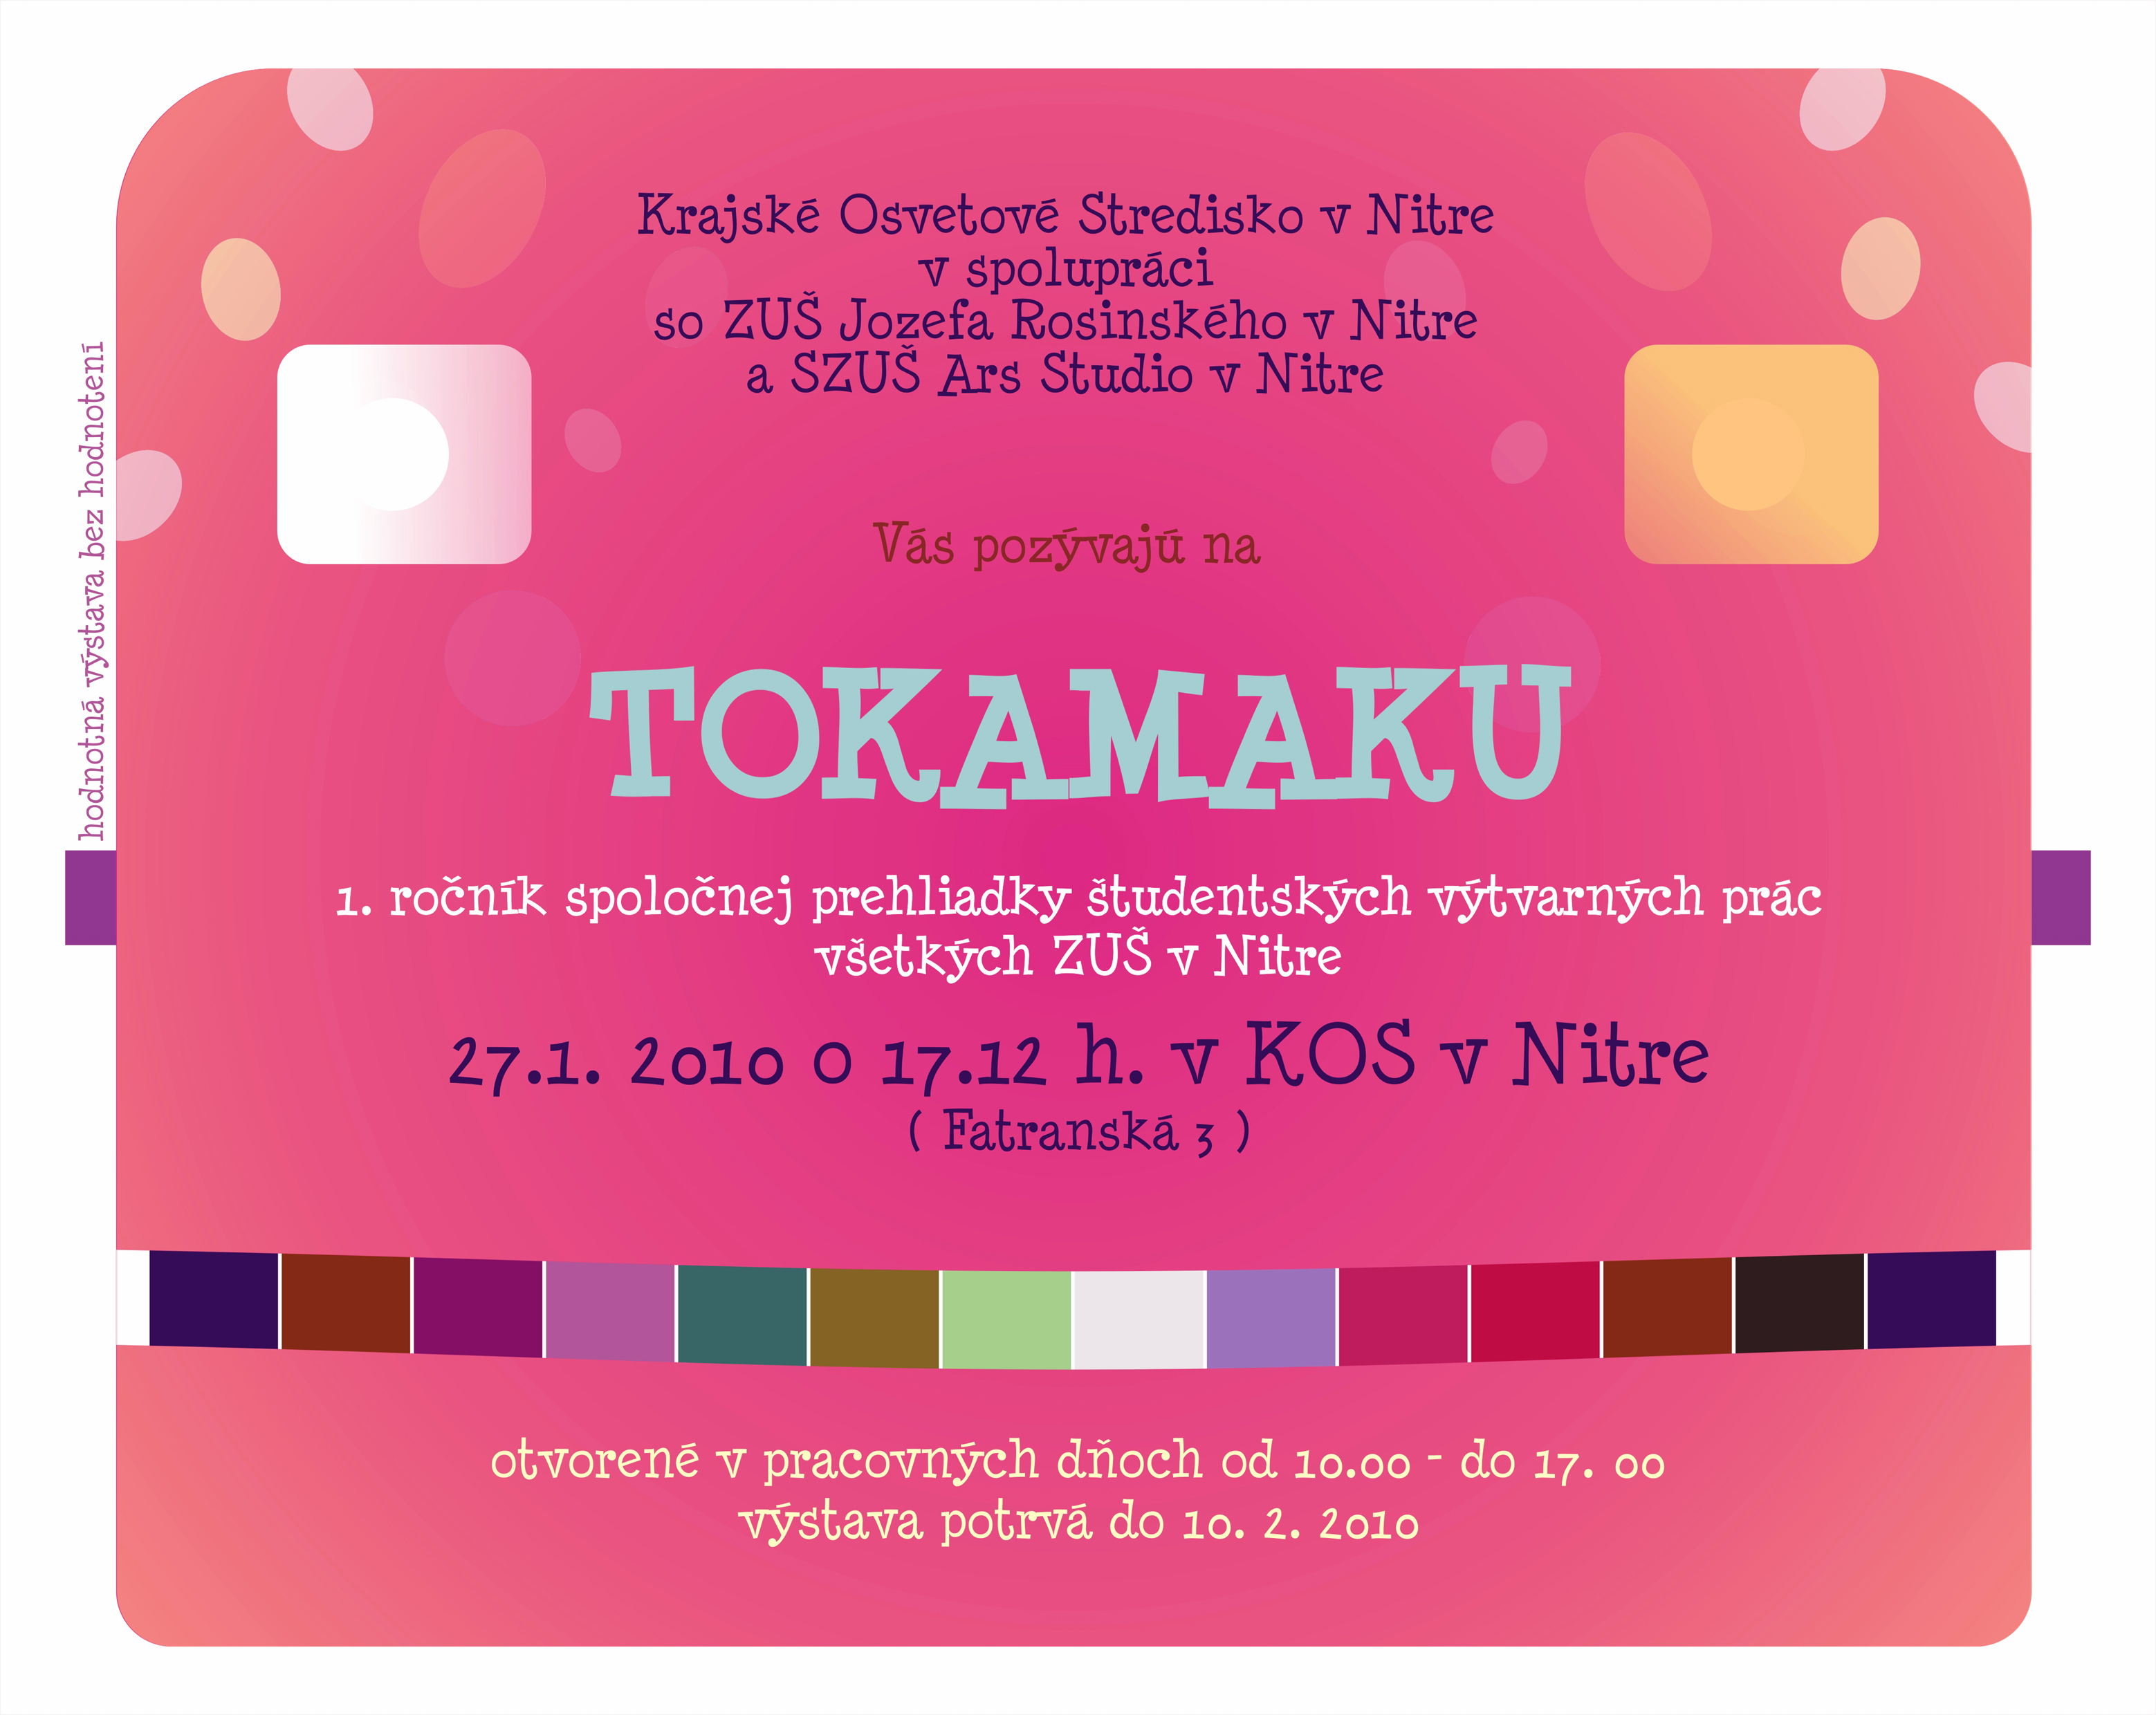 TOKAMAKU-spoločná prehliadka výtvarných prá - Móda 4a2c15e6564